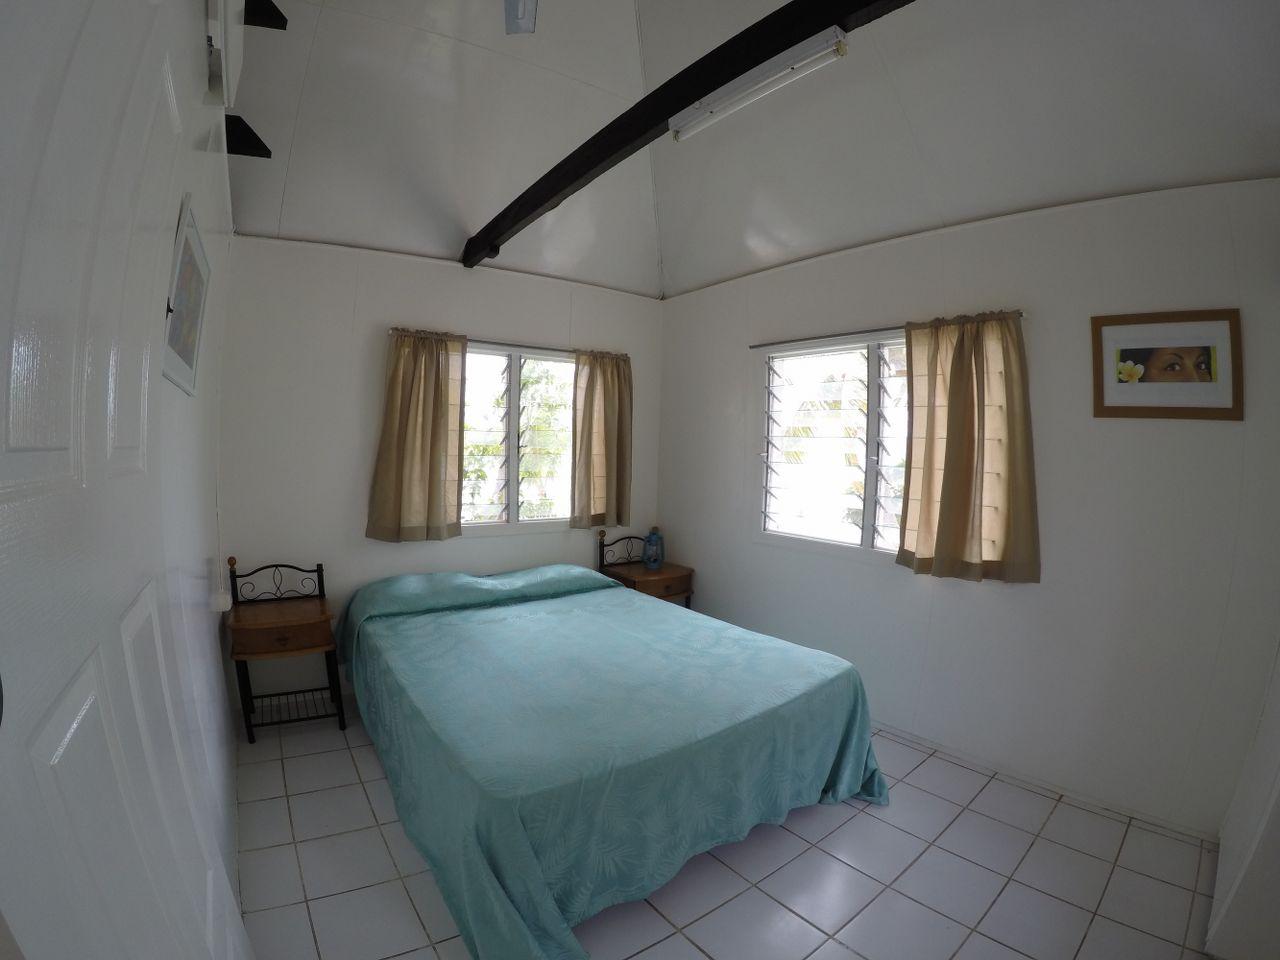 Main bedroom in Standard 2 bedroom cottage at Macdonalds